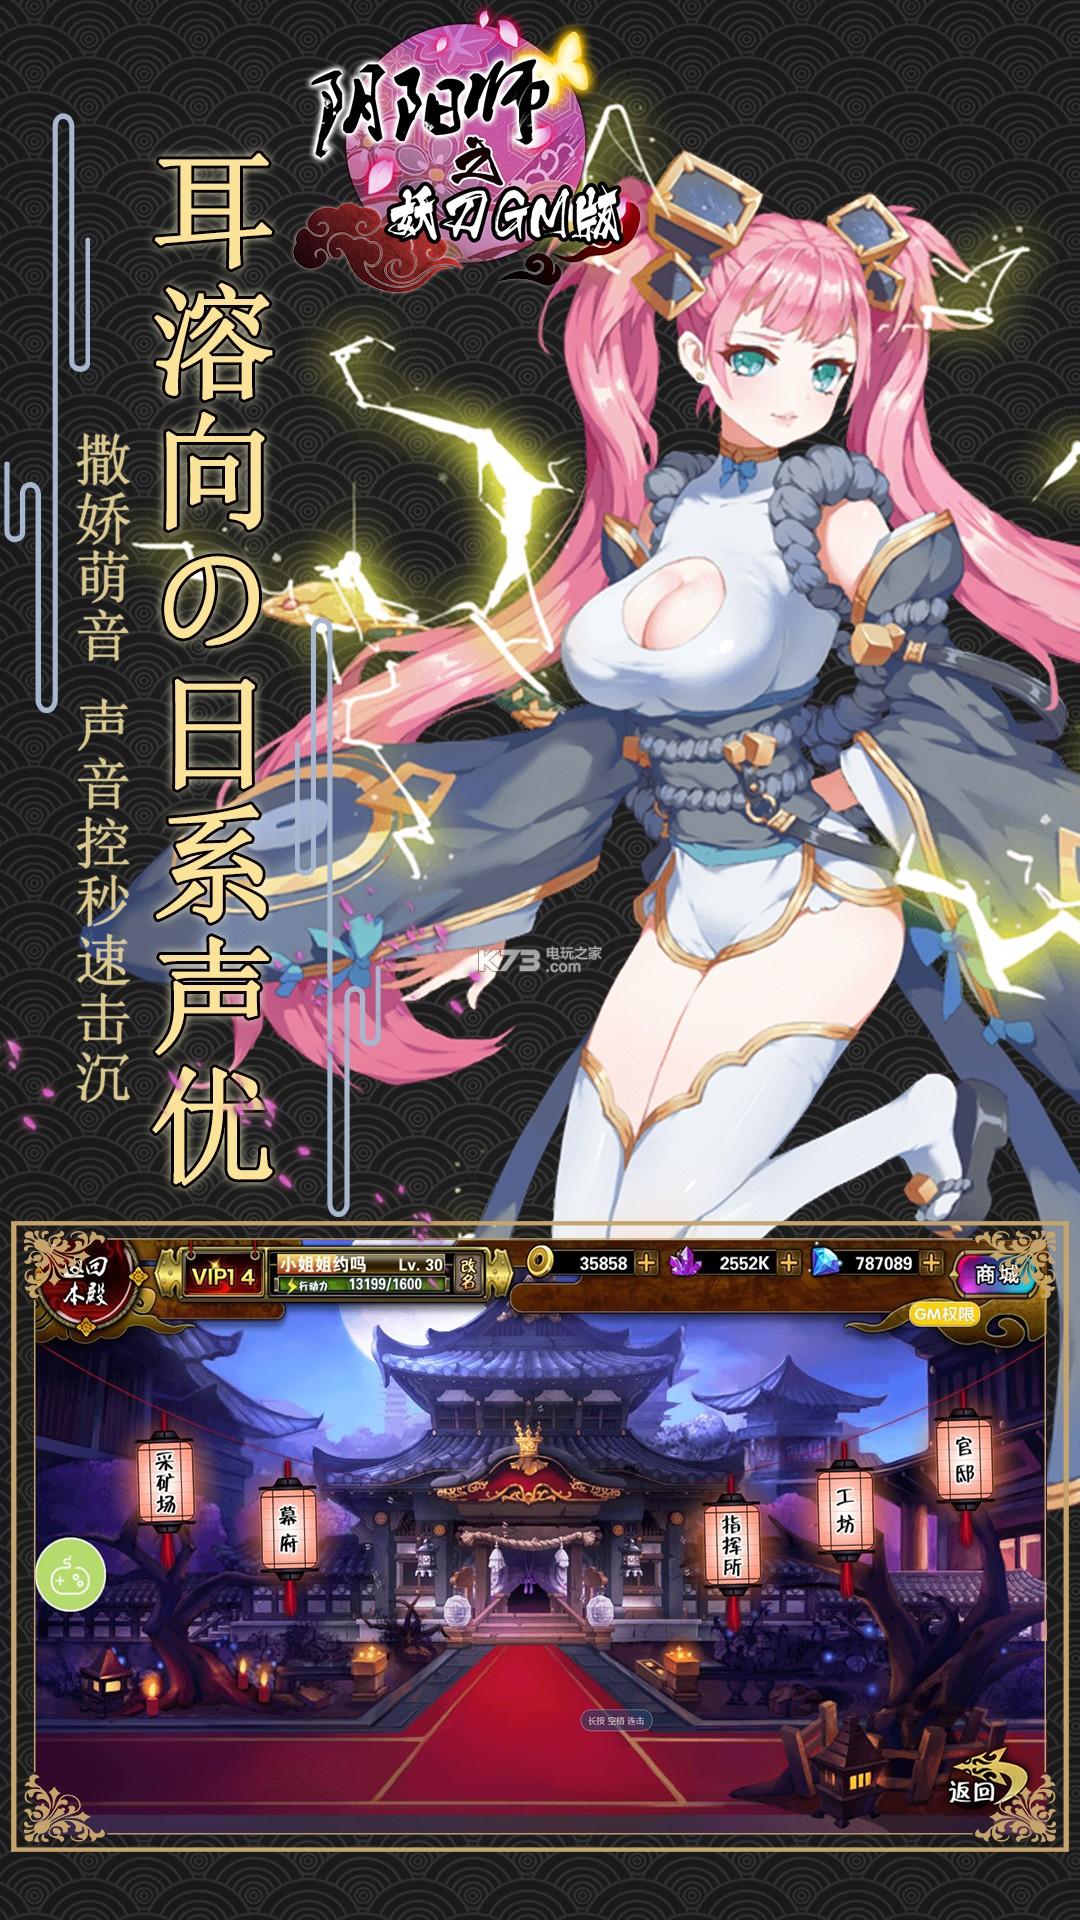 阴阳师之妖刀GM版 v1.0.0 游戏下载 截图